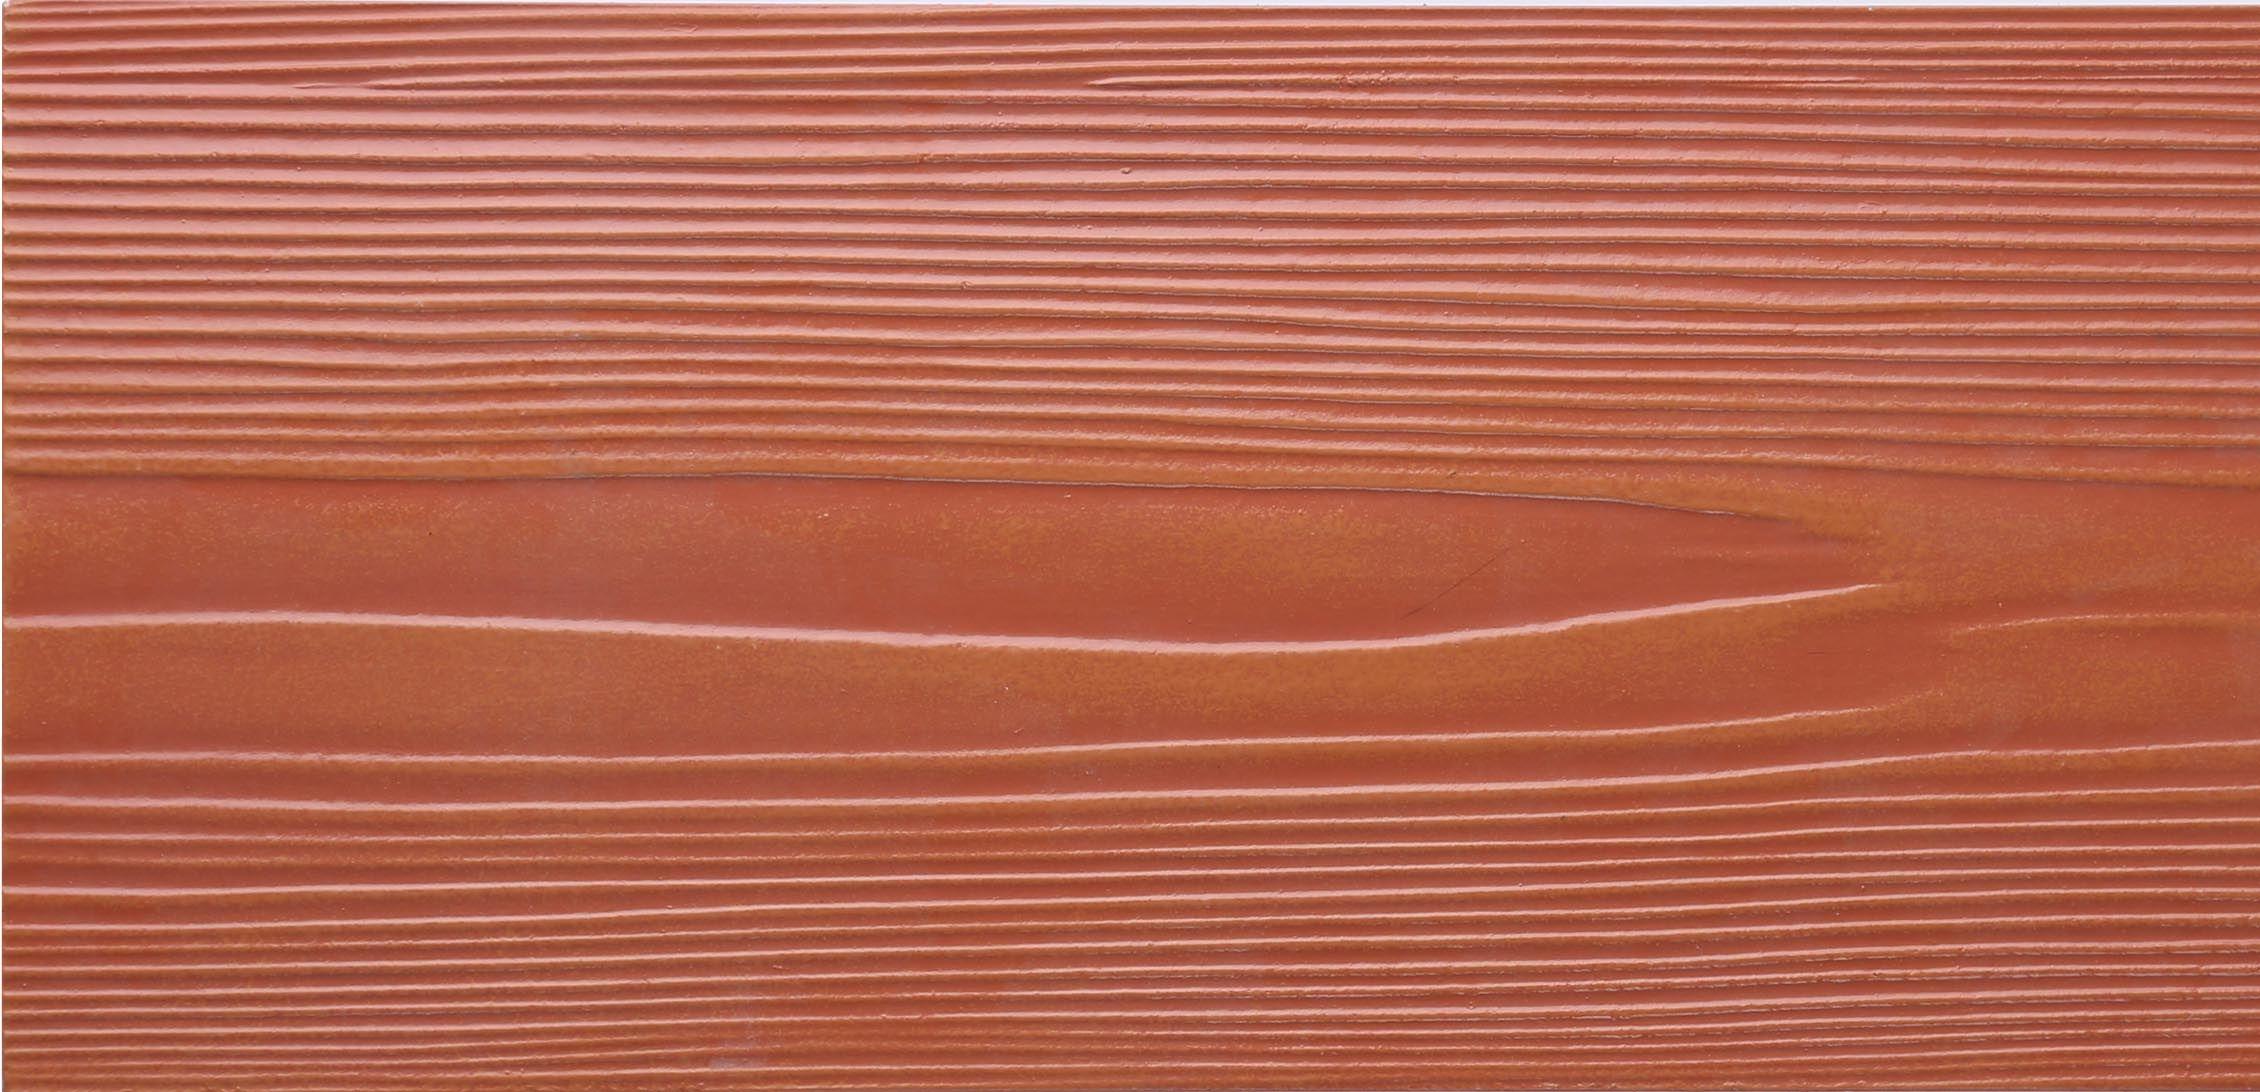 Wood Texture Fiber Cement Siding Sheet Wood Grain